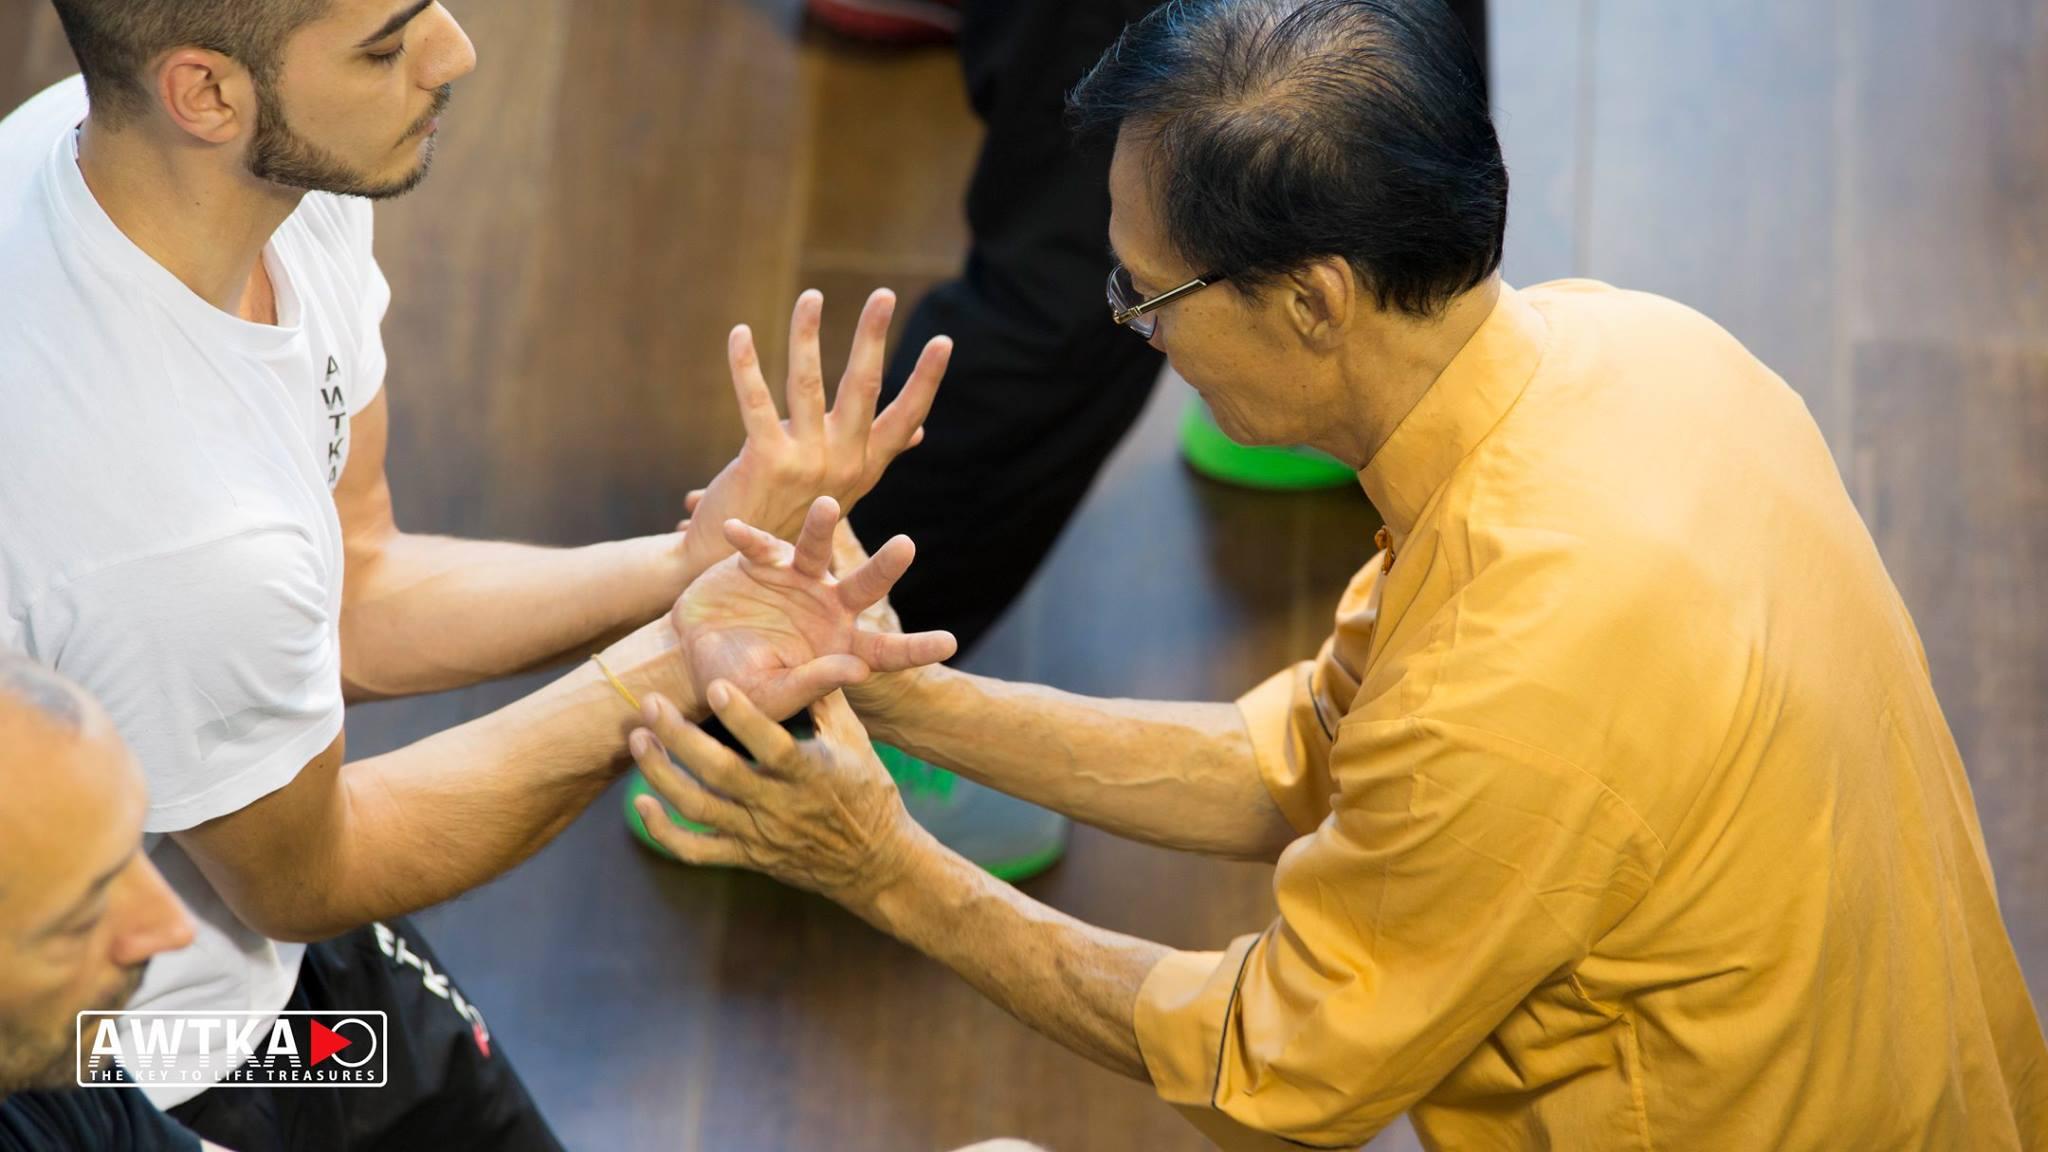 Grand-Master-Tio-Tek-Kwie-Eighteen-Lohan-Hands-Stile